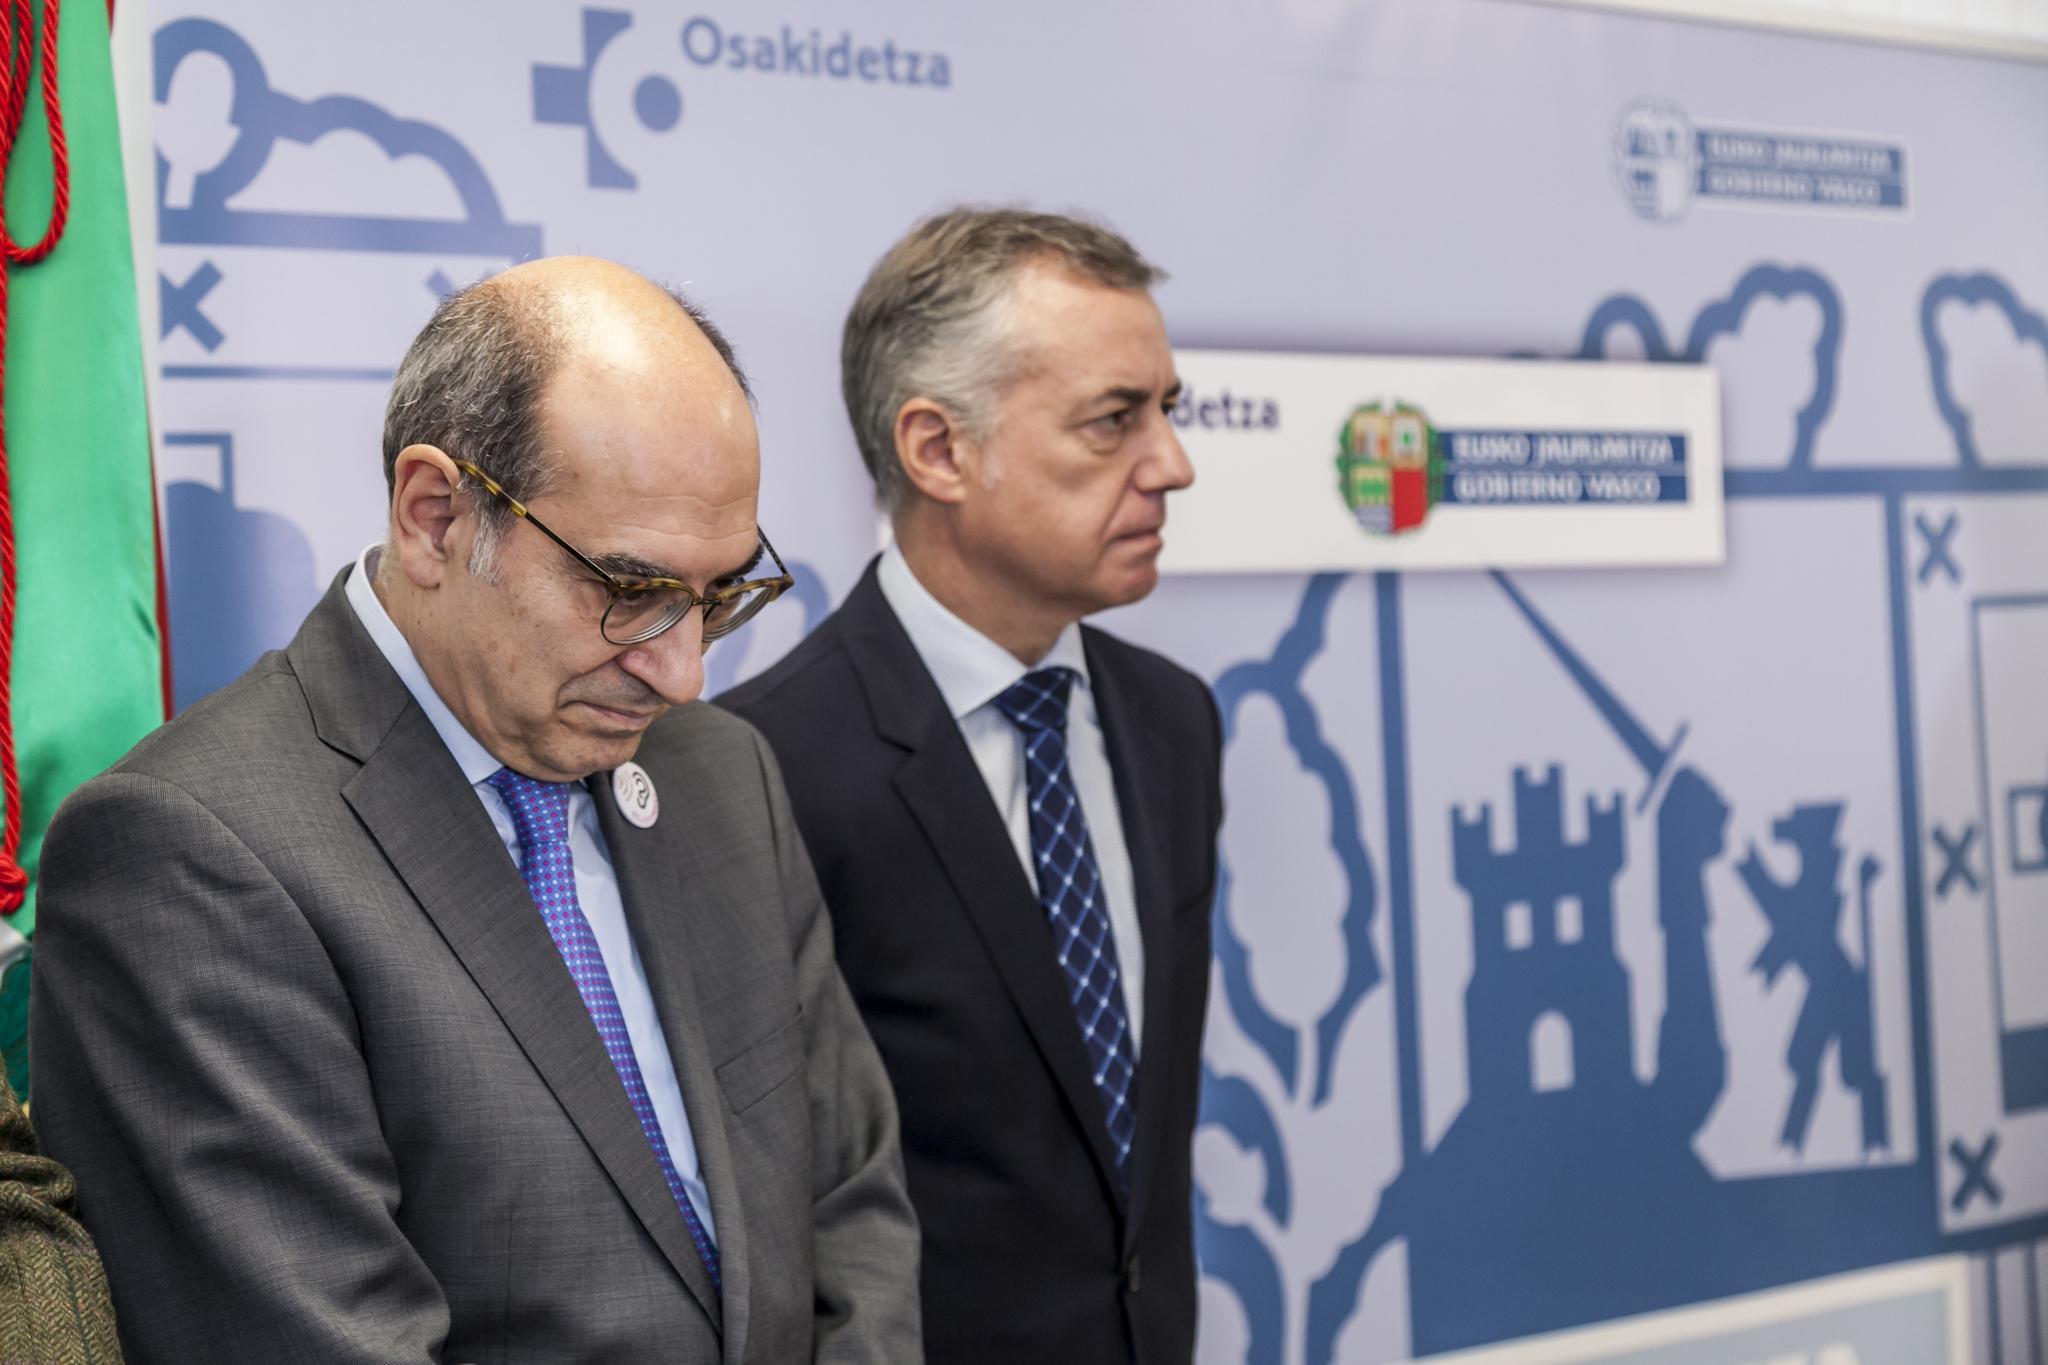 El consejero Jon Darpón junto al lehendakari Iñigo Urkullu en un acto público.